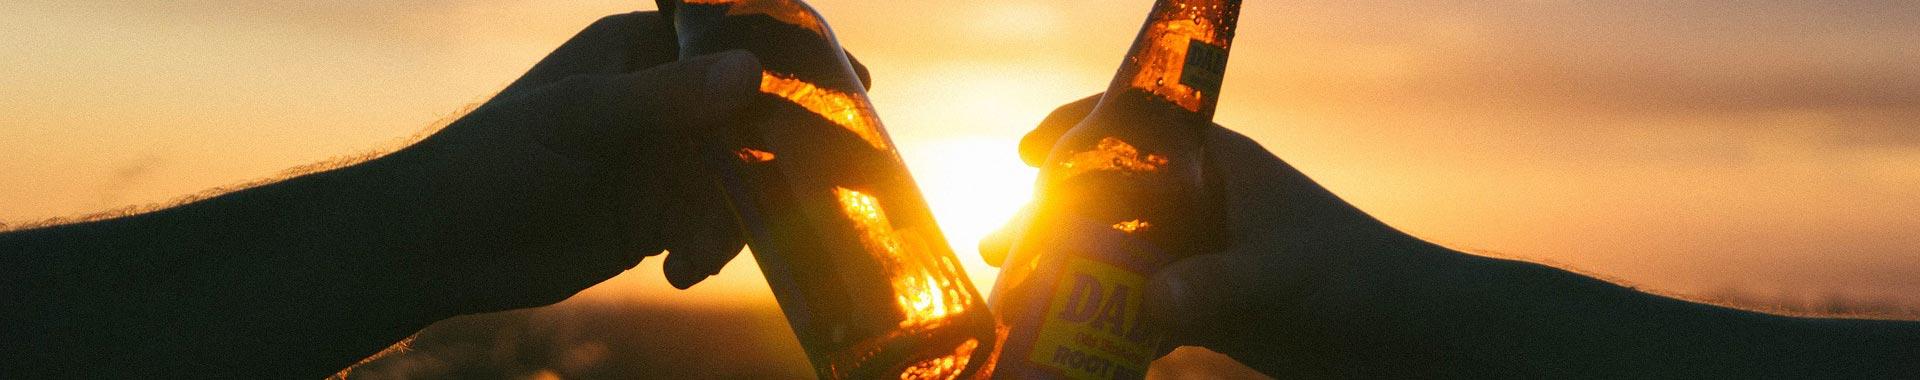 酒精是一種容易上癮的飲料